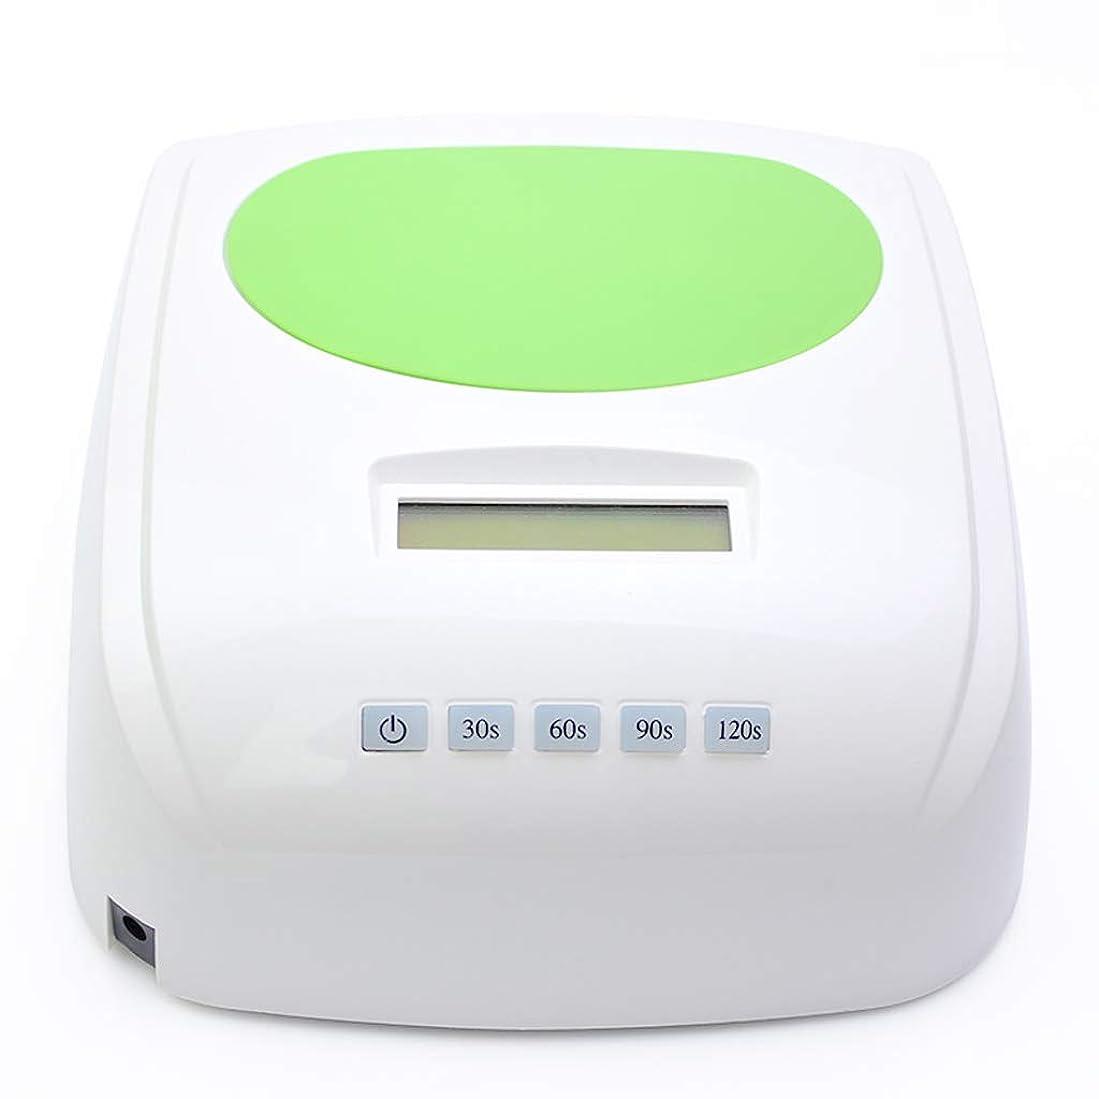 グループ特定のビスケット4スピードボタンセンサー光線治療機、LED爪研磨ランプ48wマニキュアペディキュアマシン